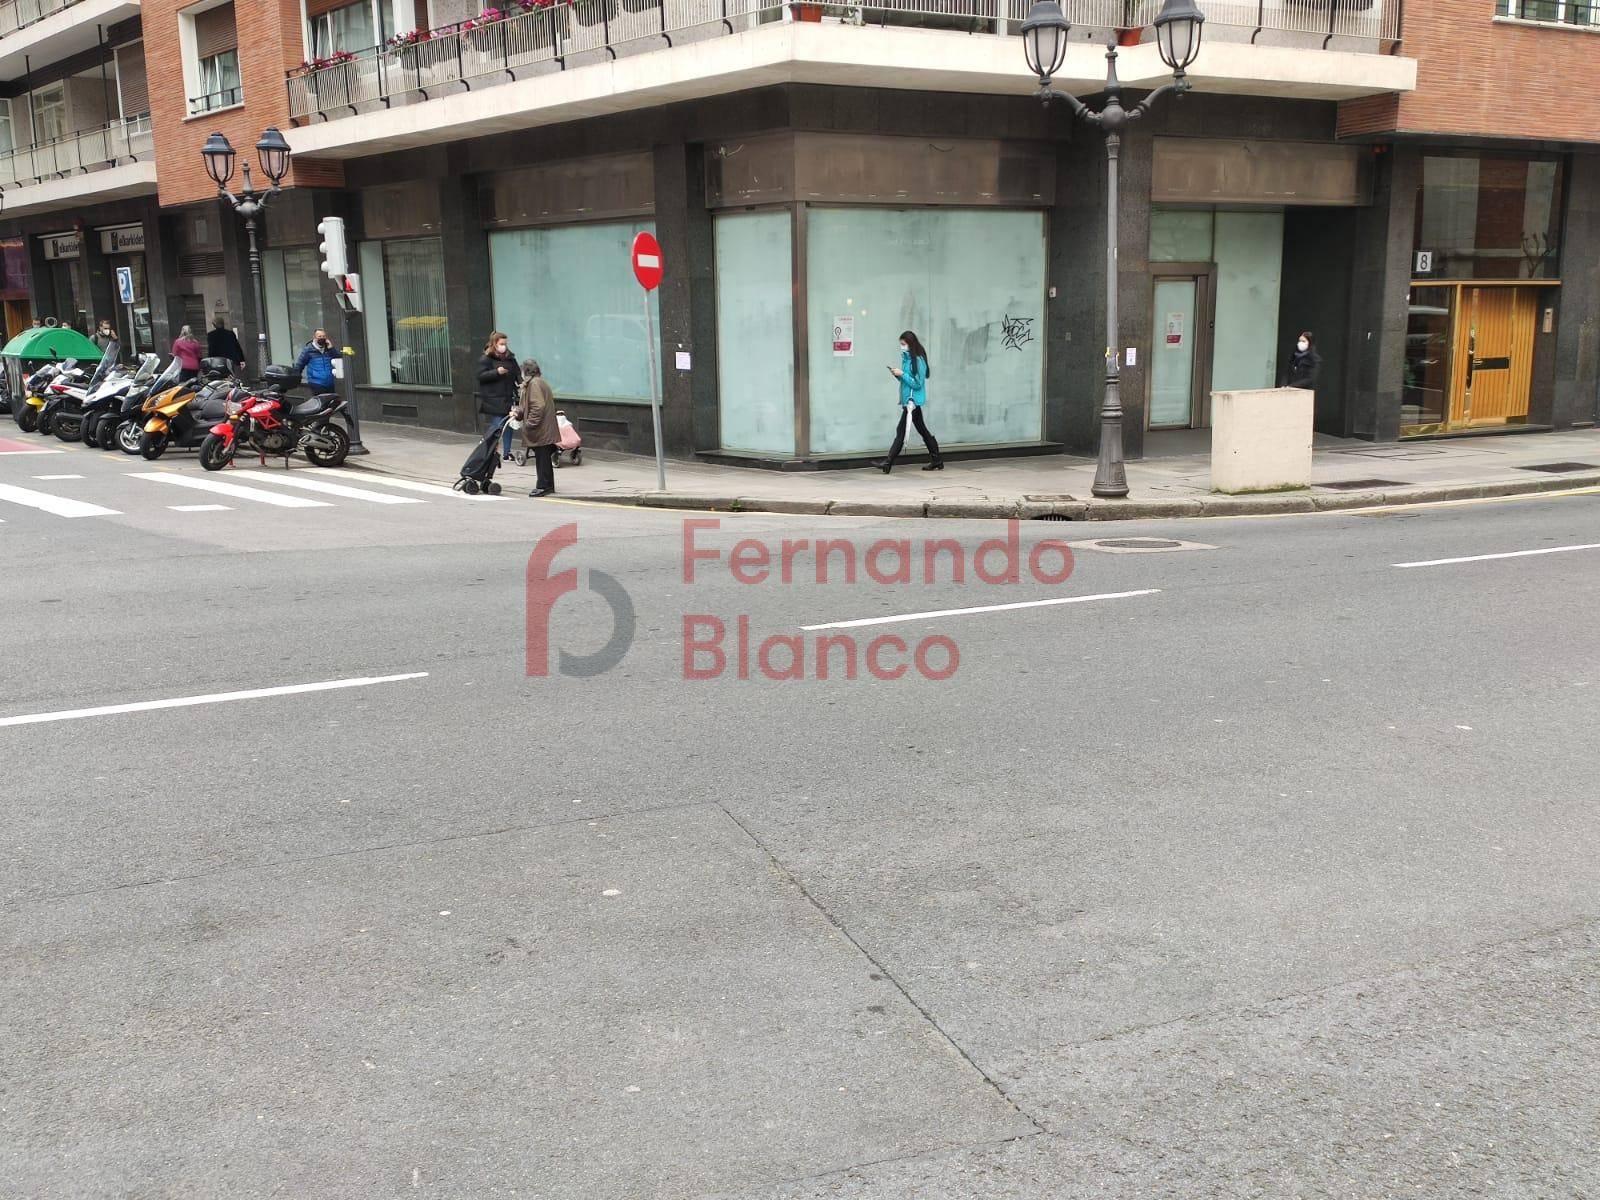 Premises for sale in Abando, Bilbao